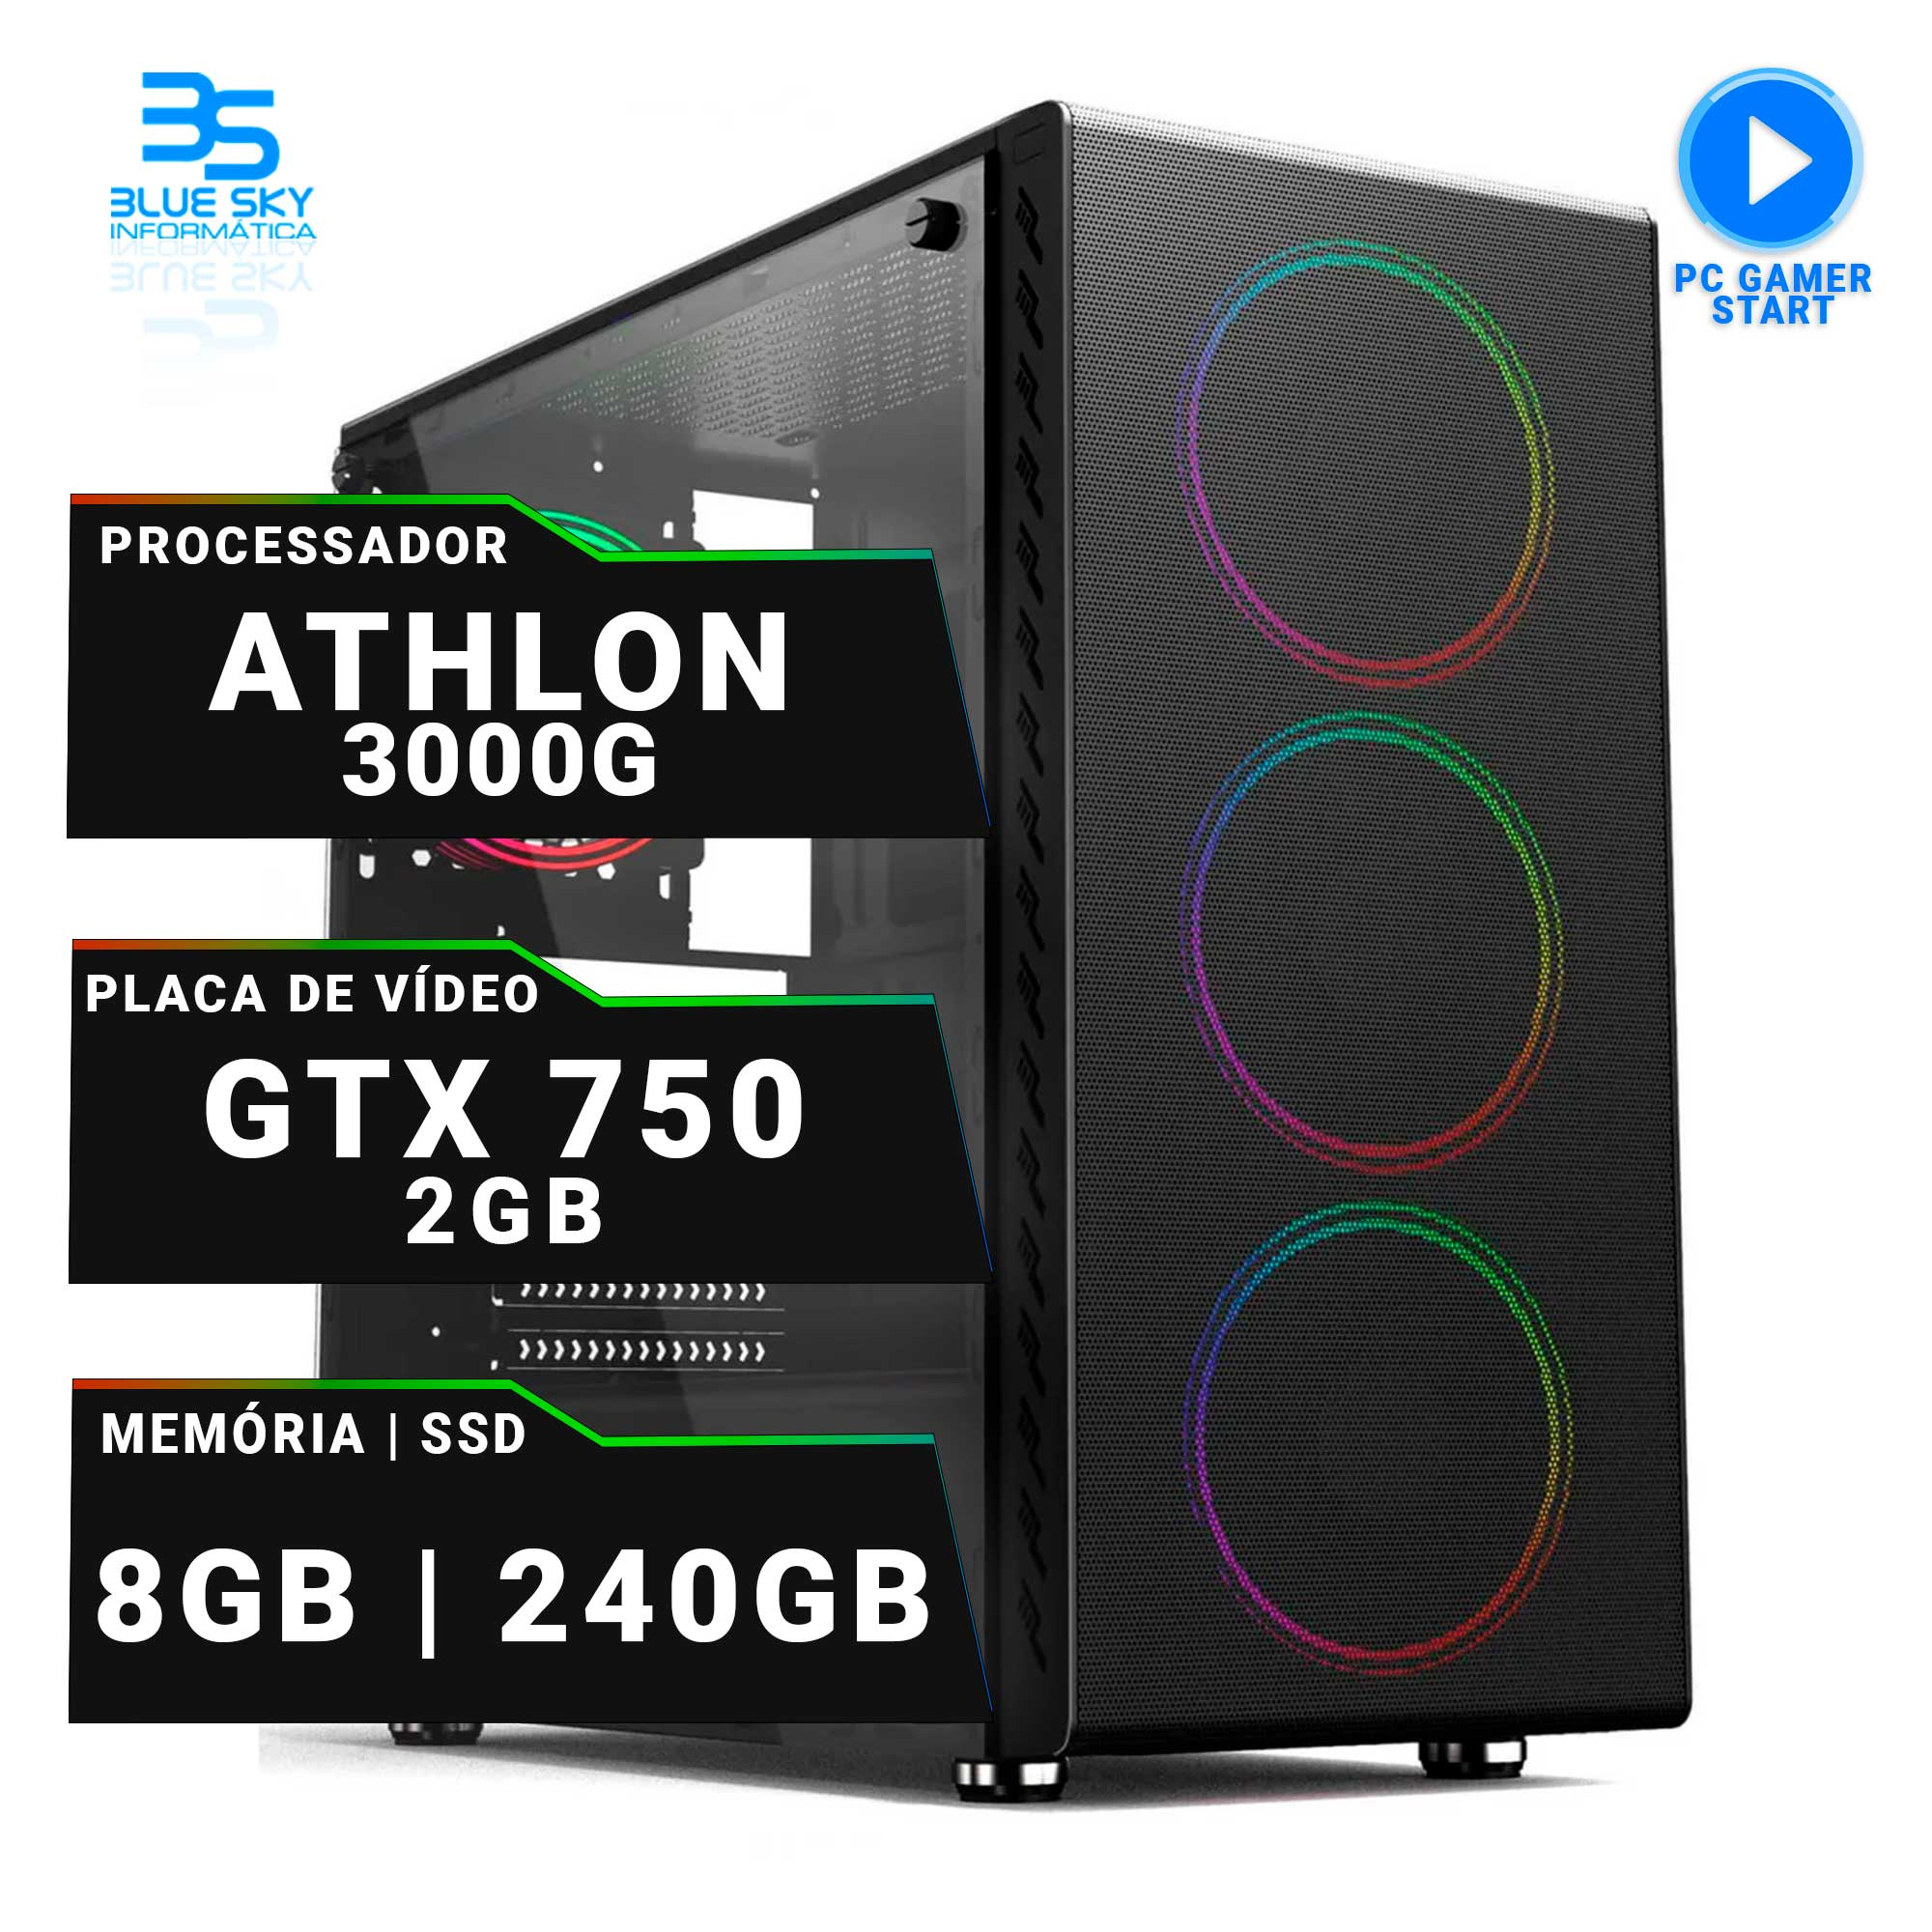 Computador Gamer AMD Athlon 3000G, SSD 240GB, 8GB DDR4, 400W, GTX 750 2GB